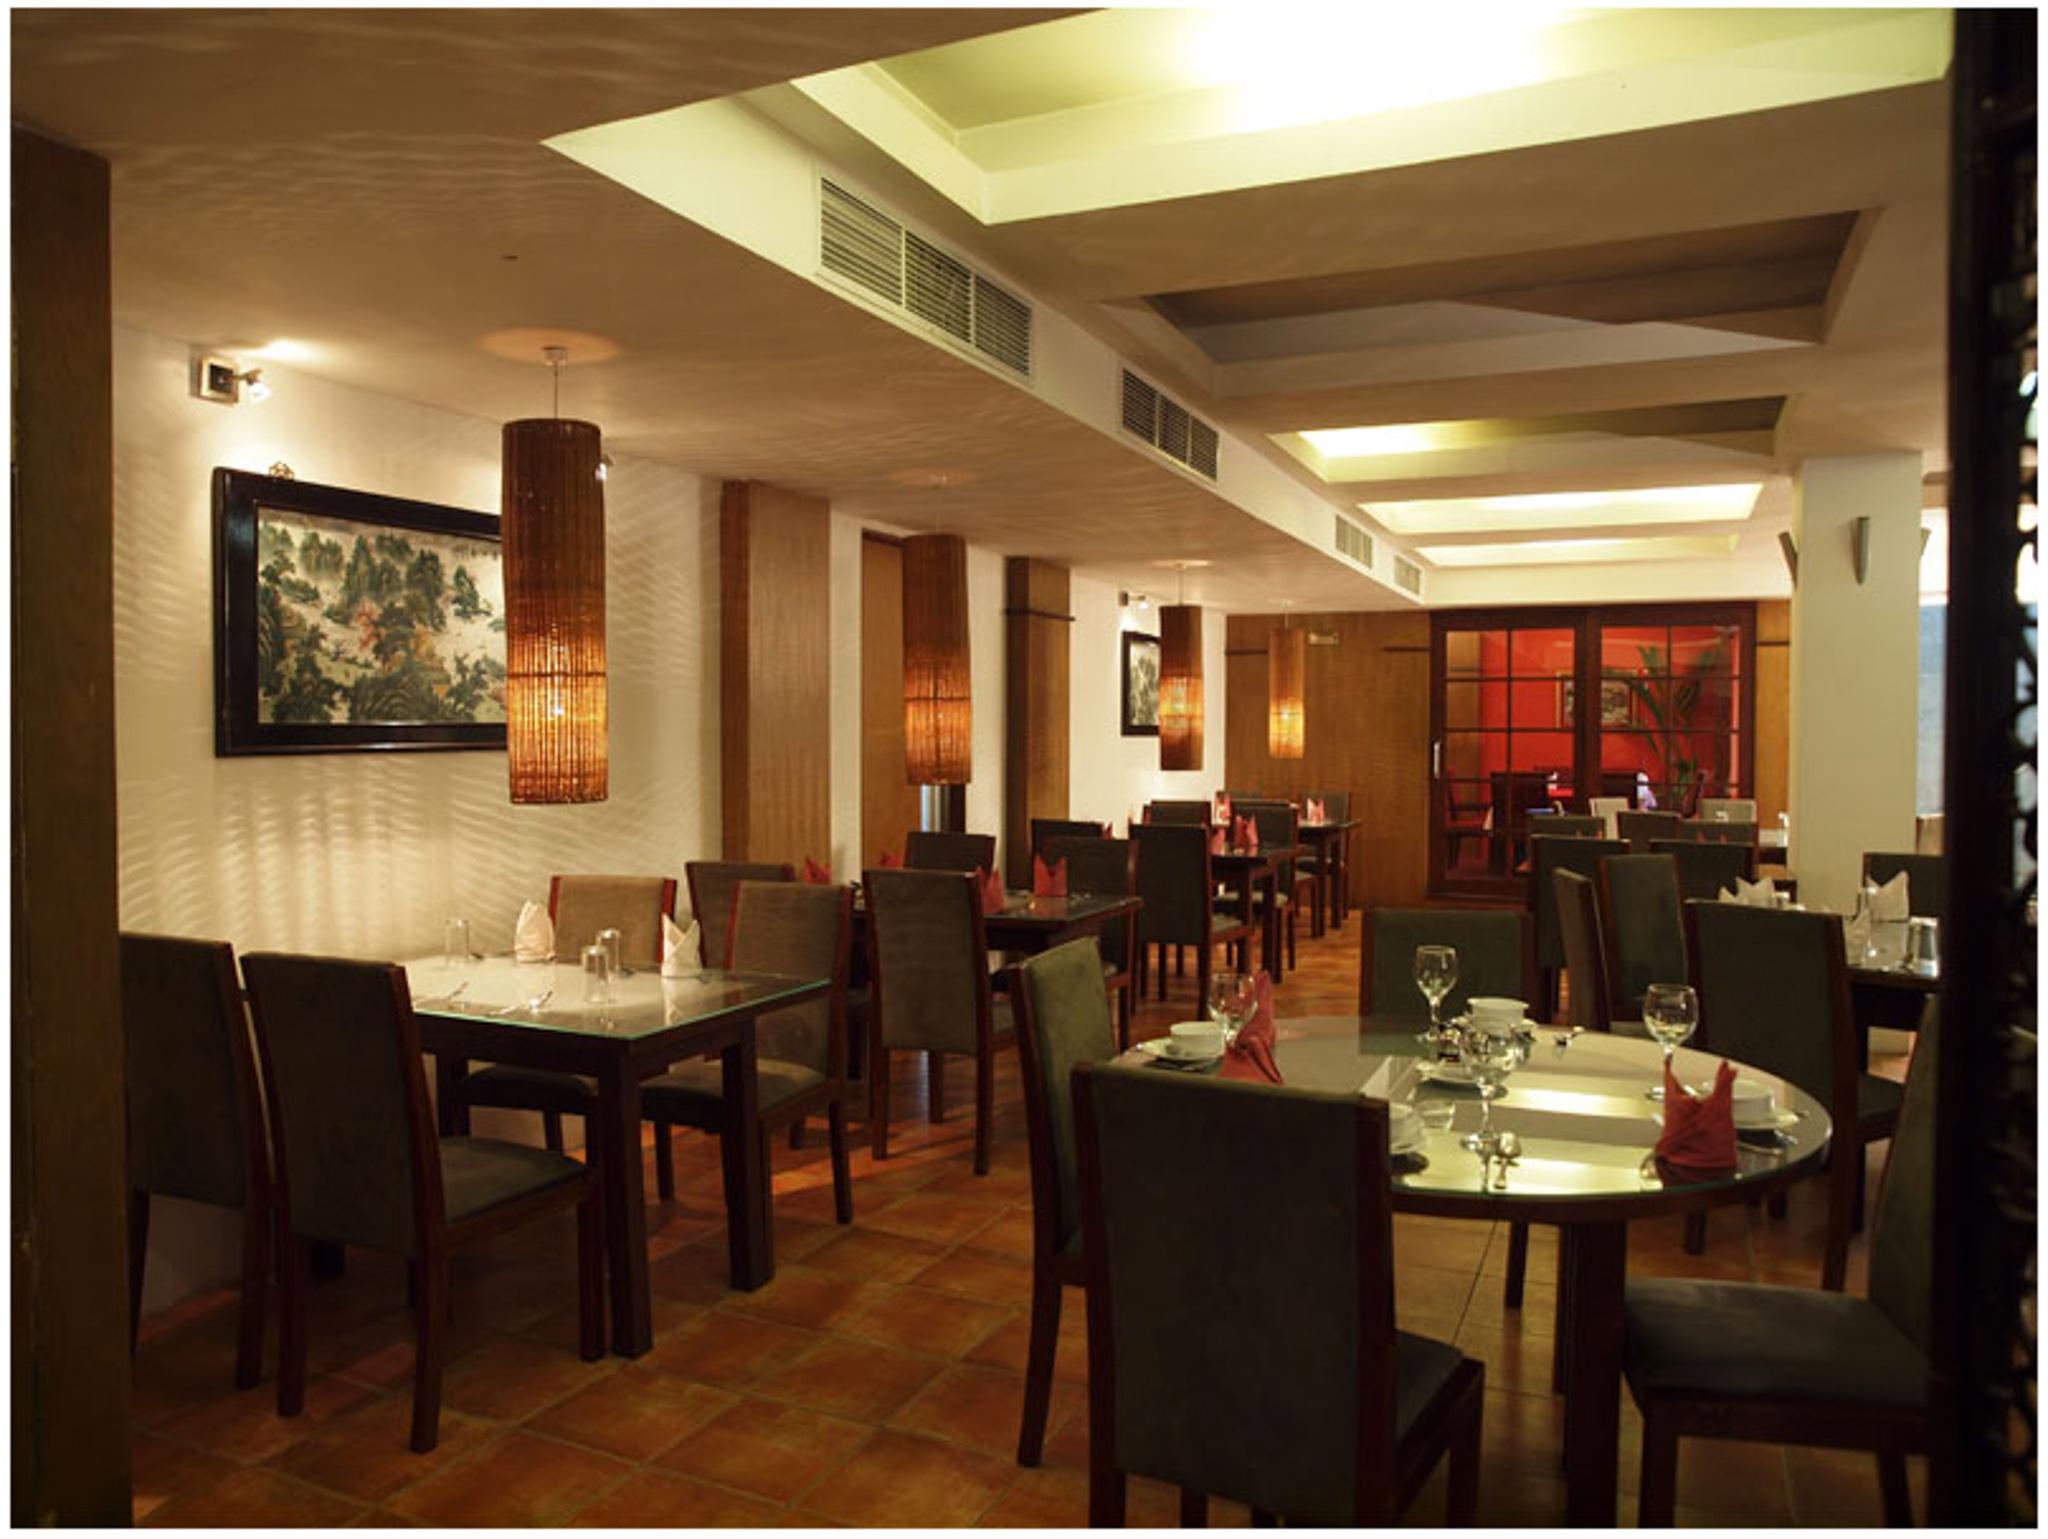 Great Wall is a restaurant in Colombo, Sri Lanka